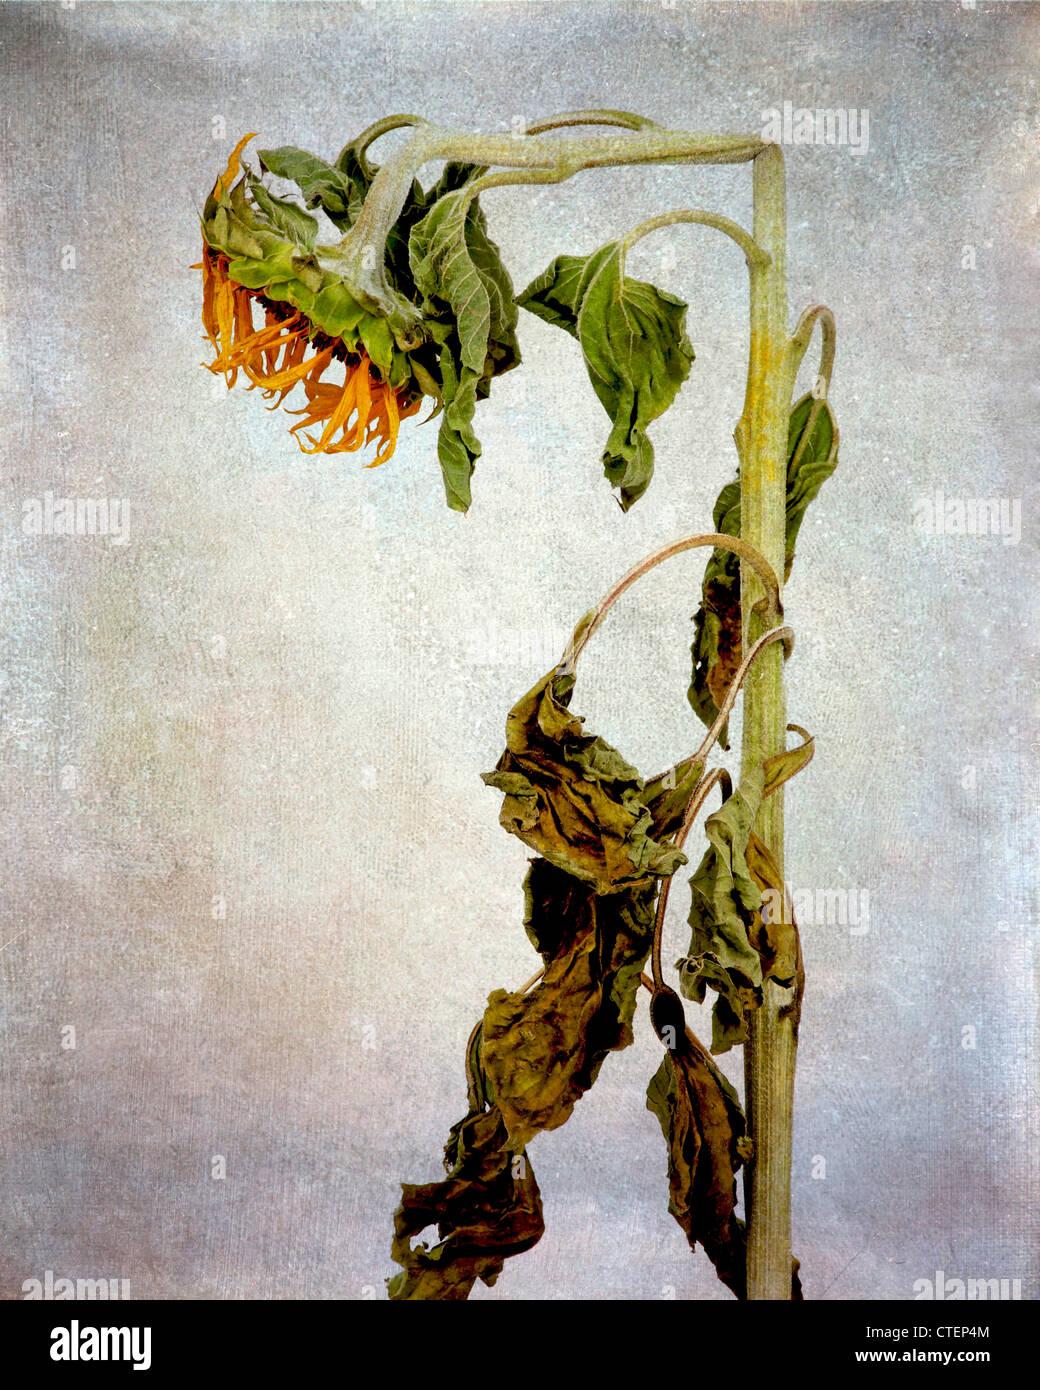 Erschöpft Sonnenblume, Vintage-Look Stillleben verdorrte. Stockbild